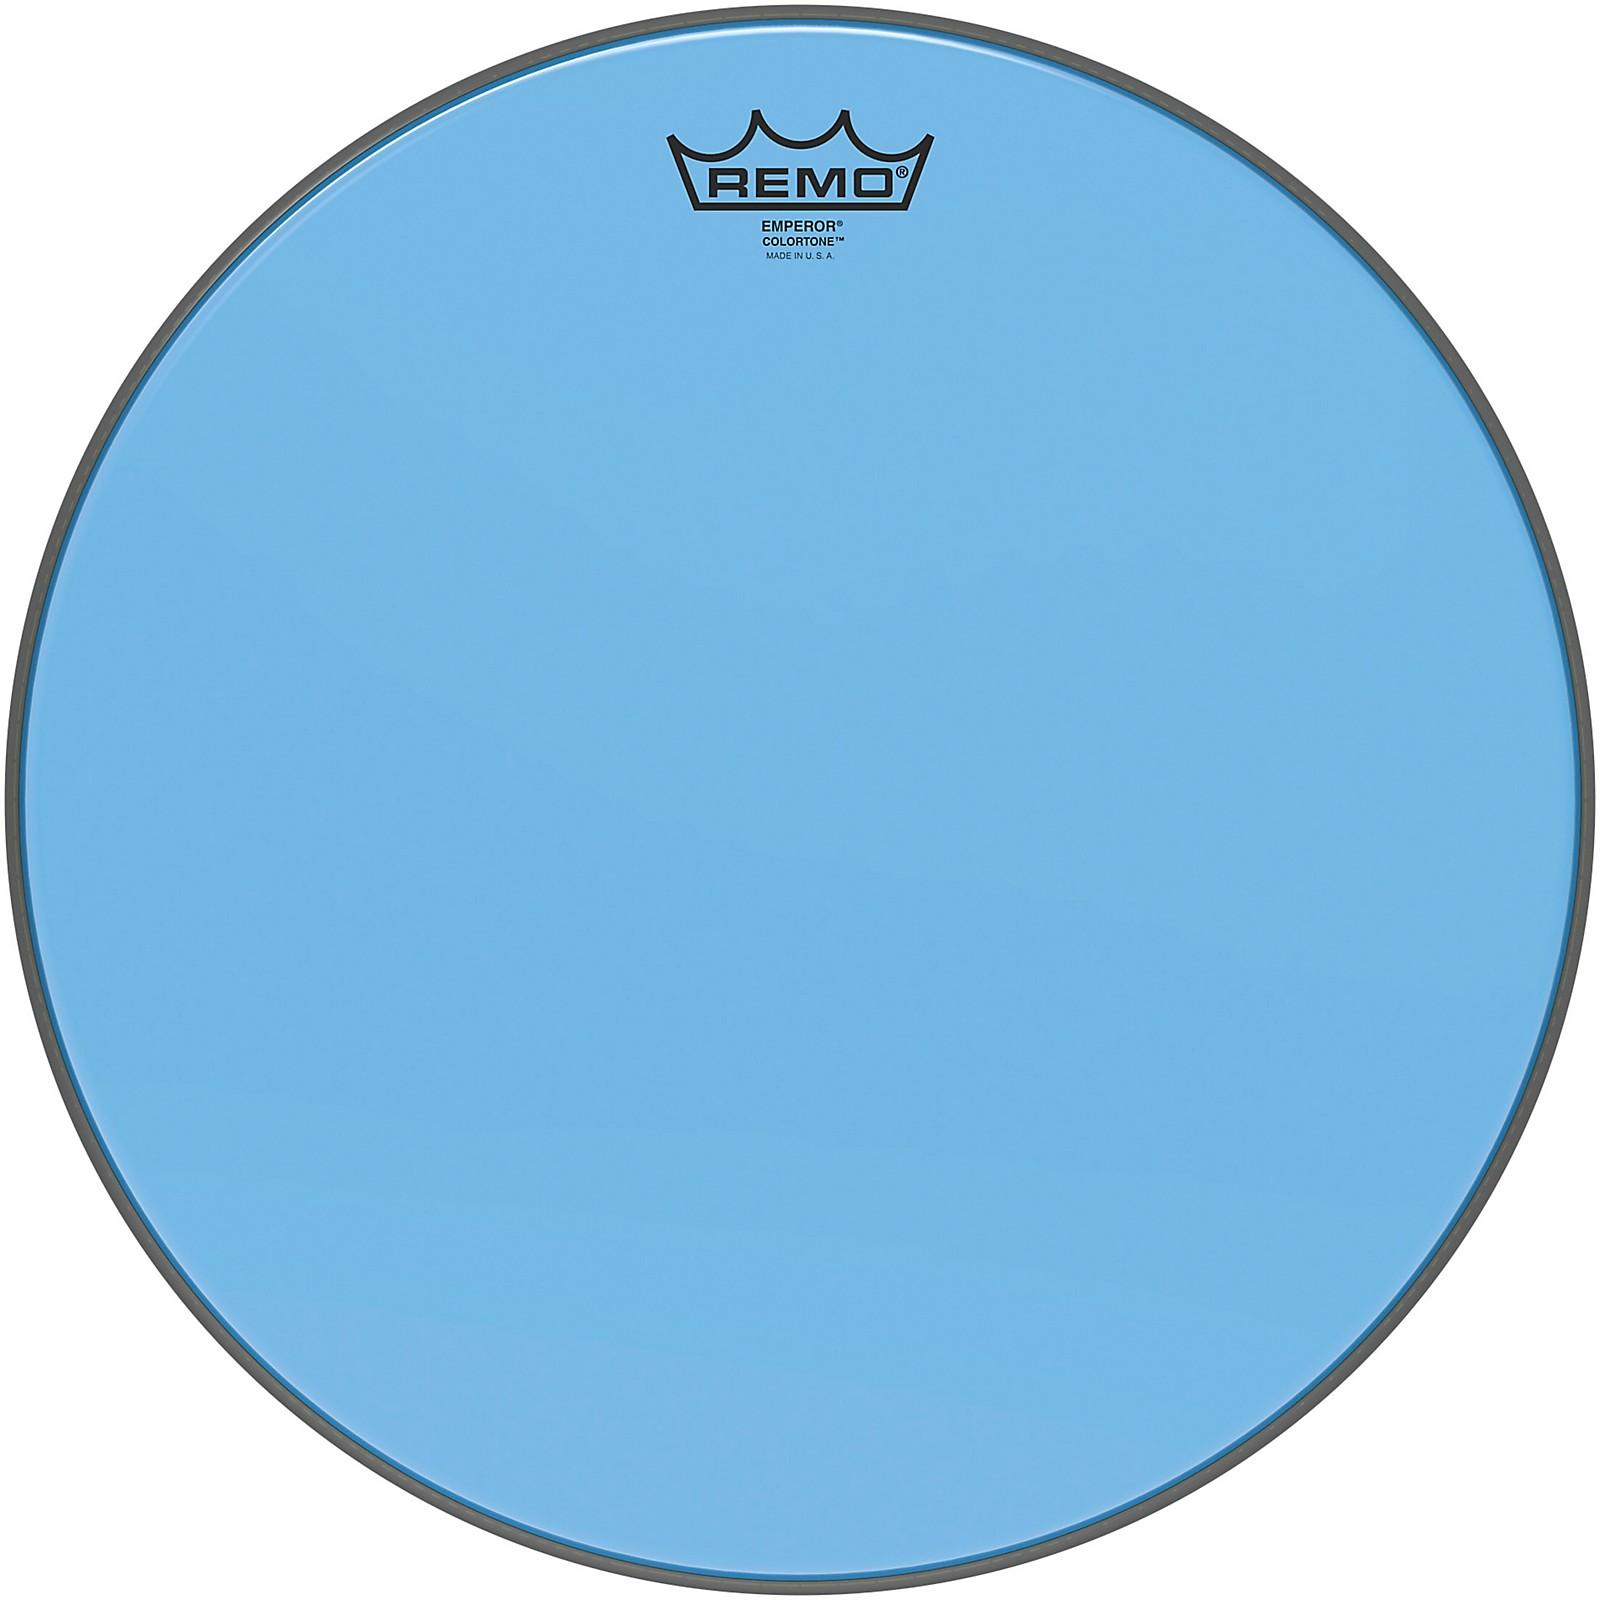 Remo Emperor Colortone Blue Drum Head